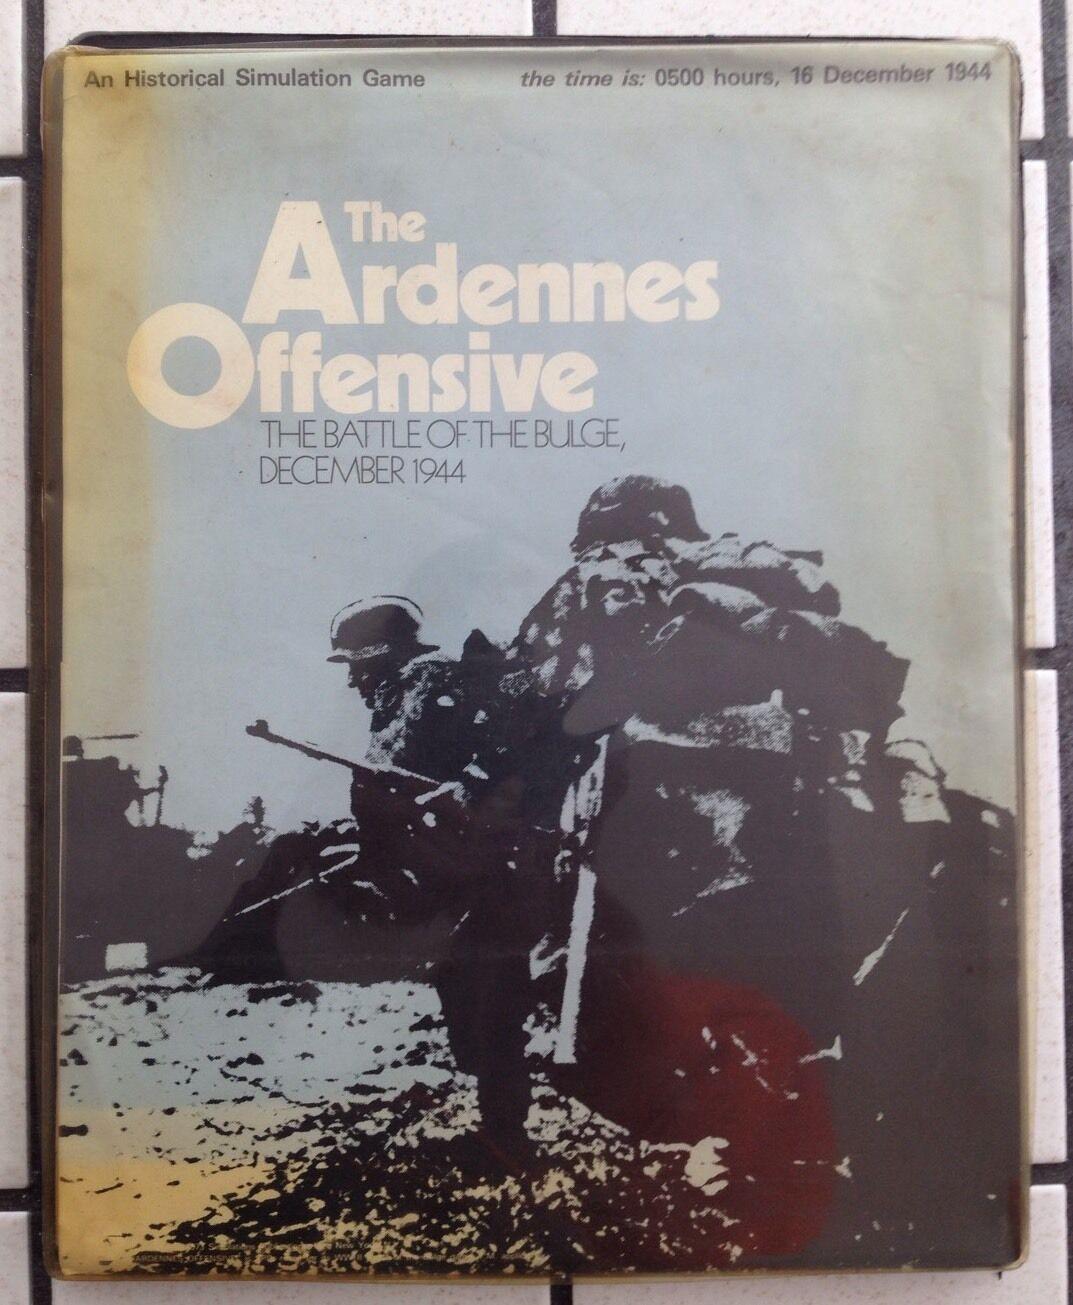 Die ardennen offensive ardennenoffensive des zweiten weltkriegs (flach - tablett) hat 1973.